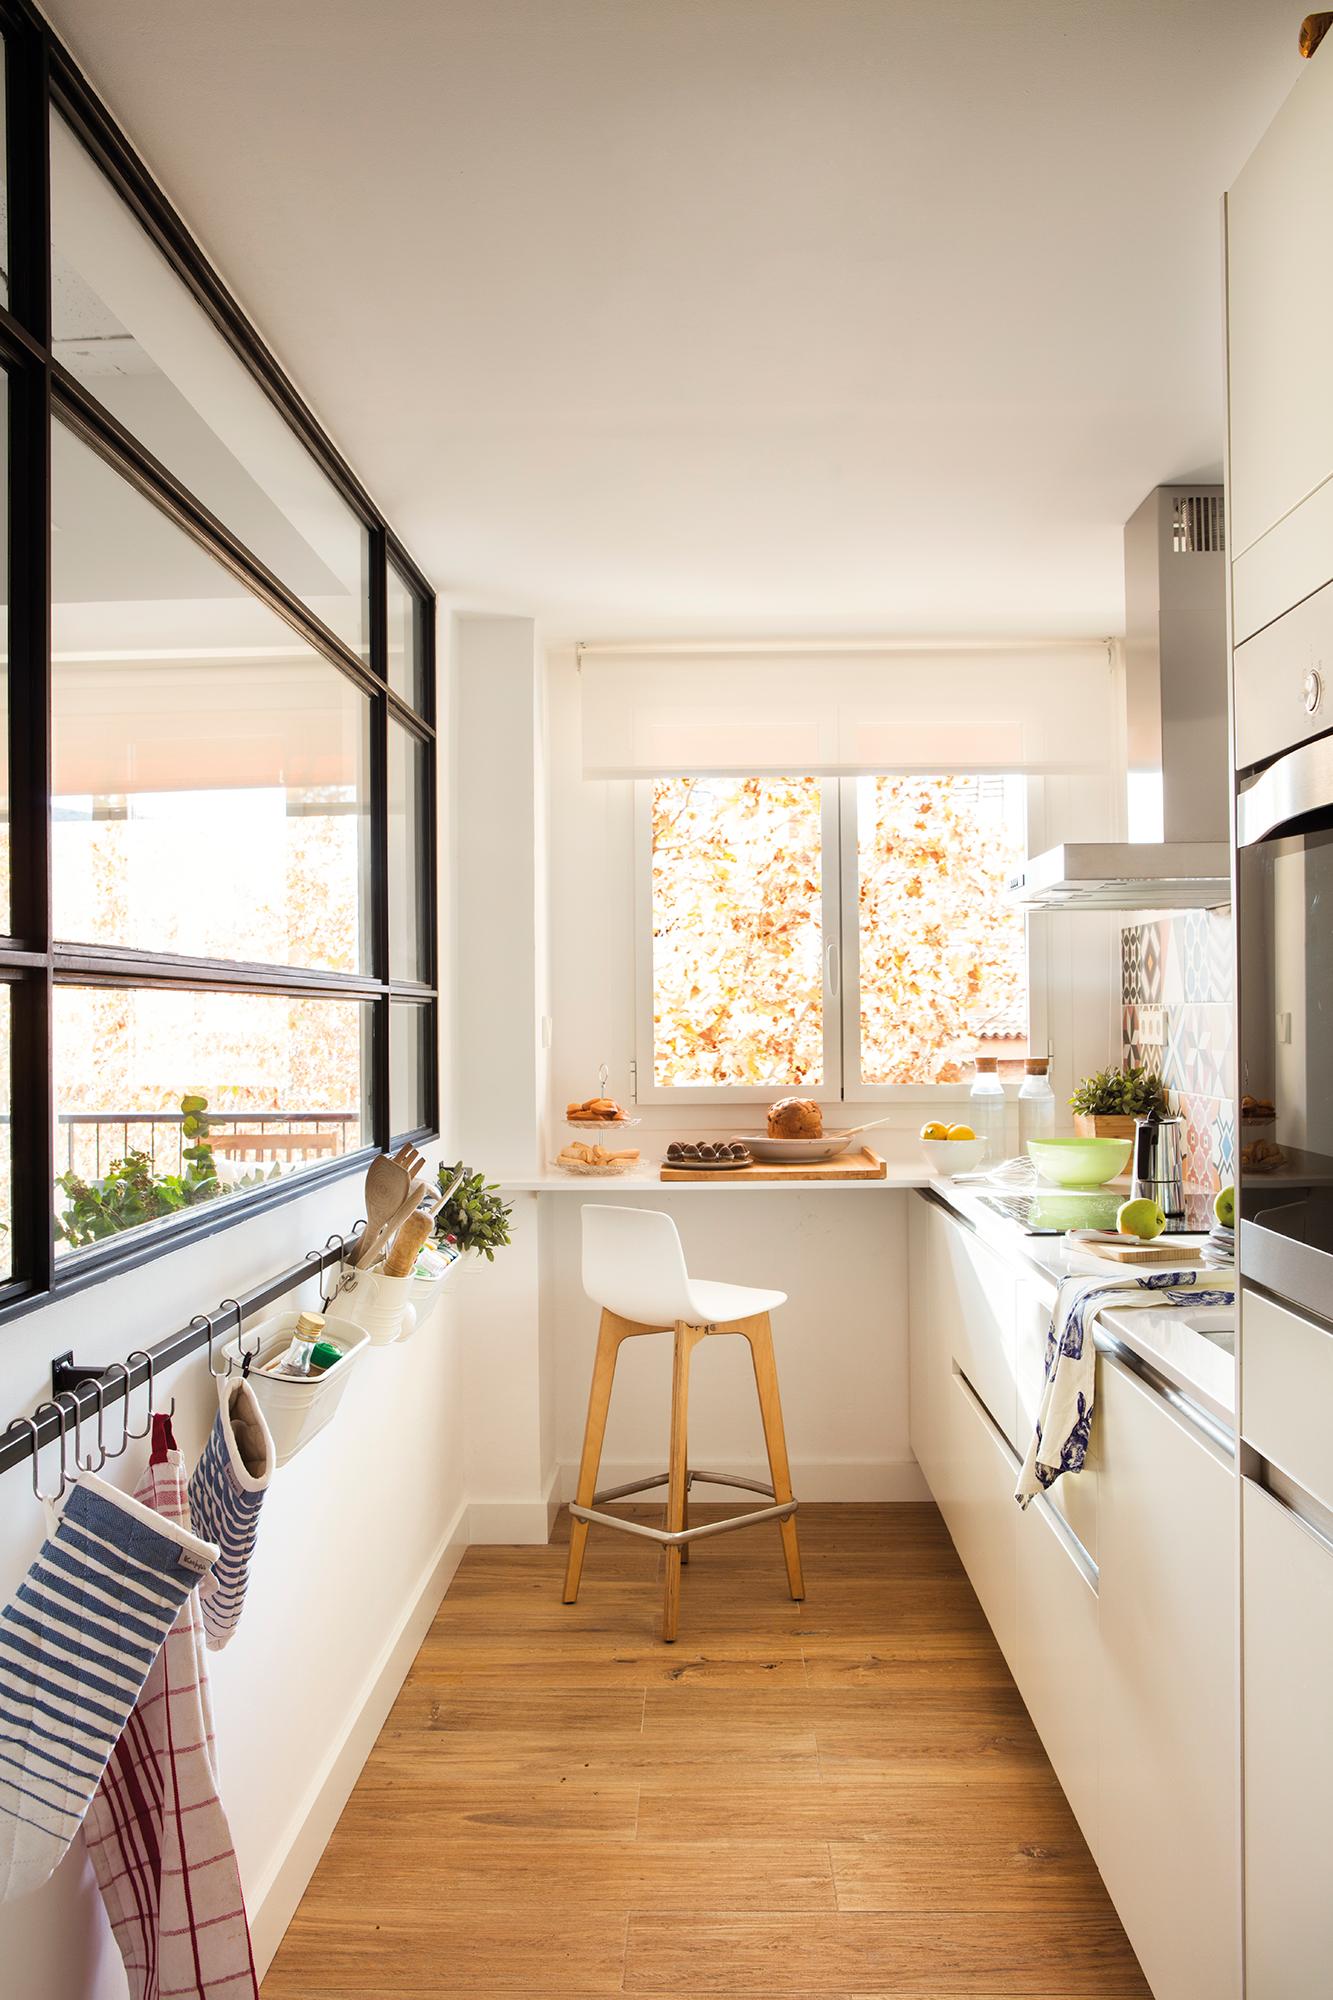 Cocinas peque as en un solo frente - Imagenes de cocinas pequenas para apartamentos ...